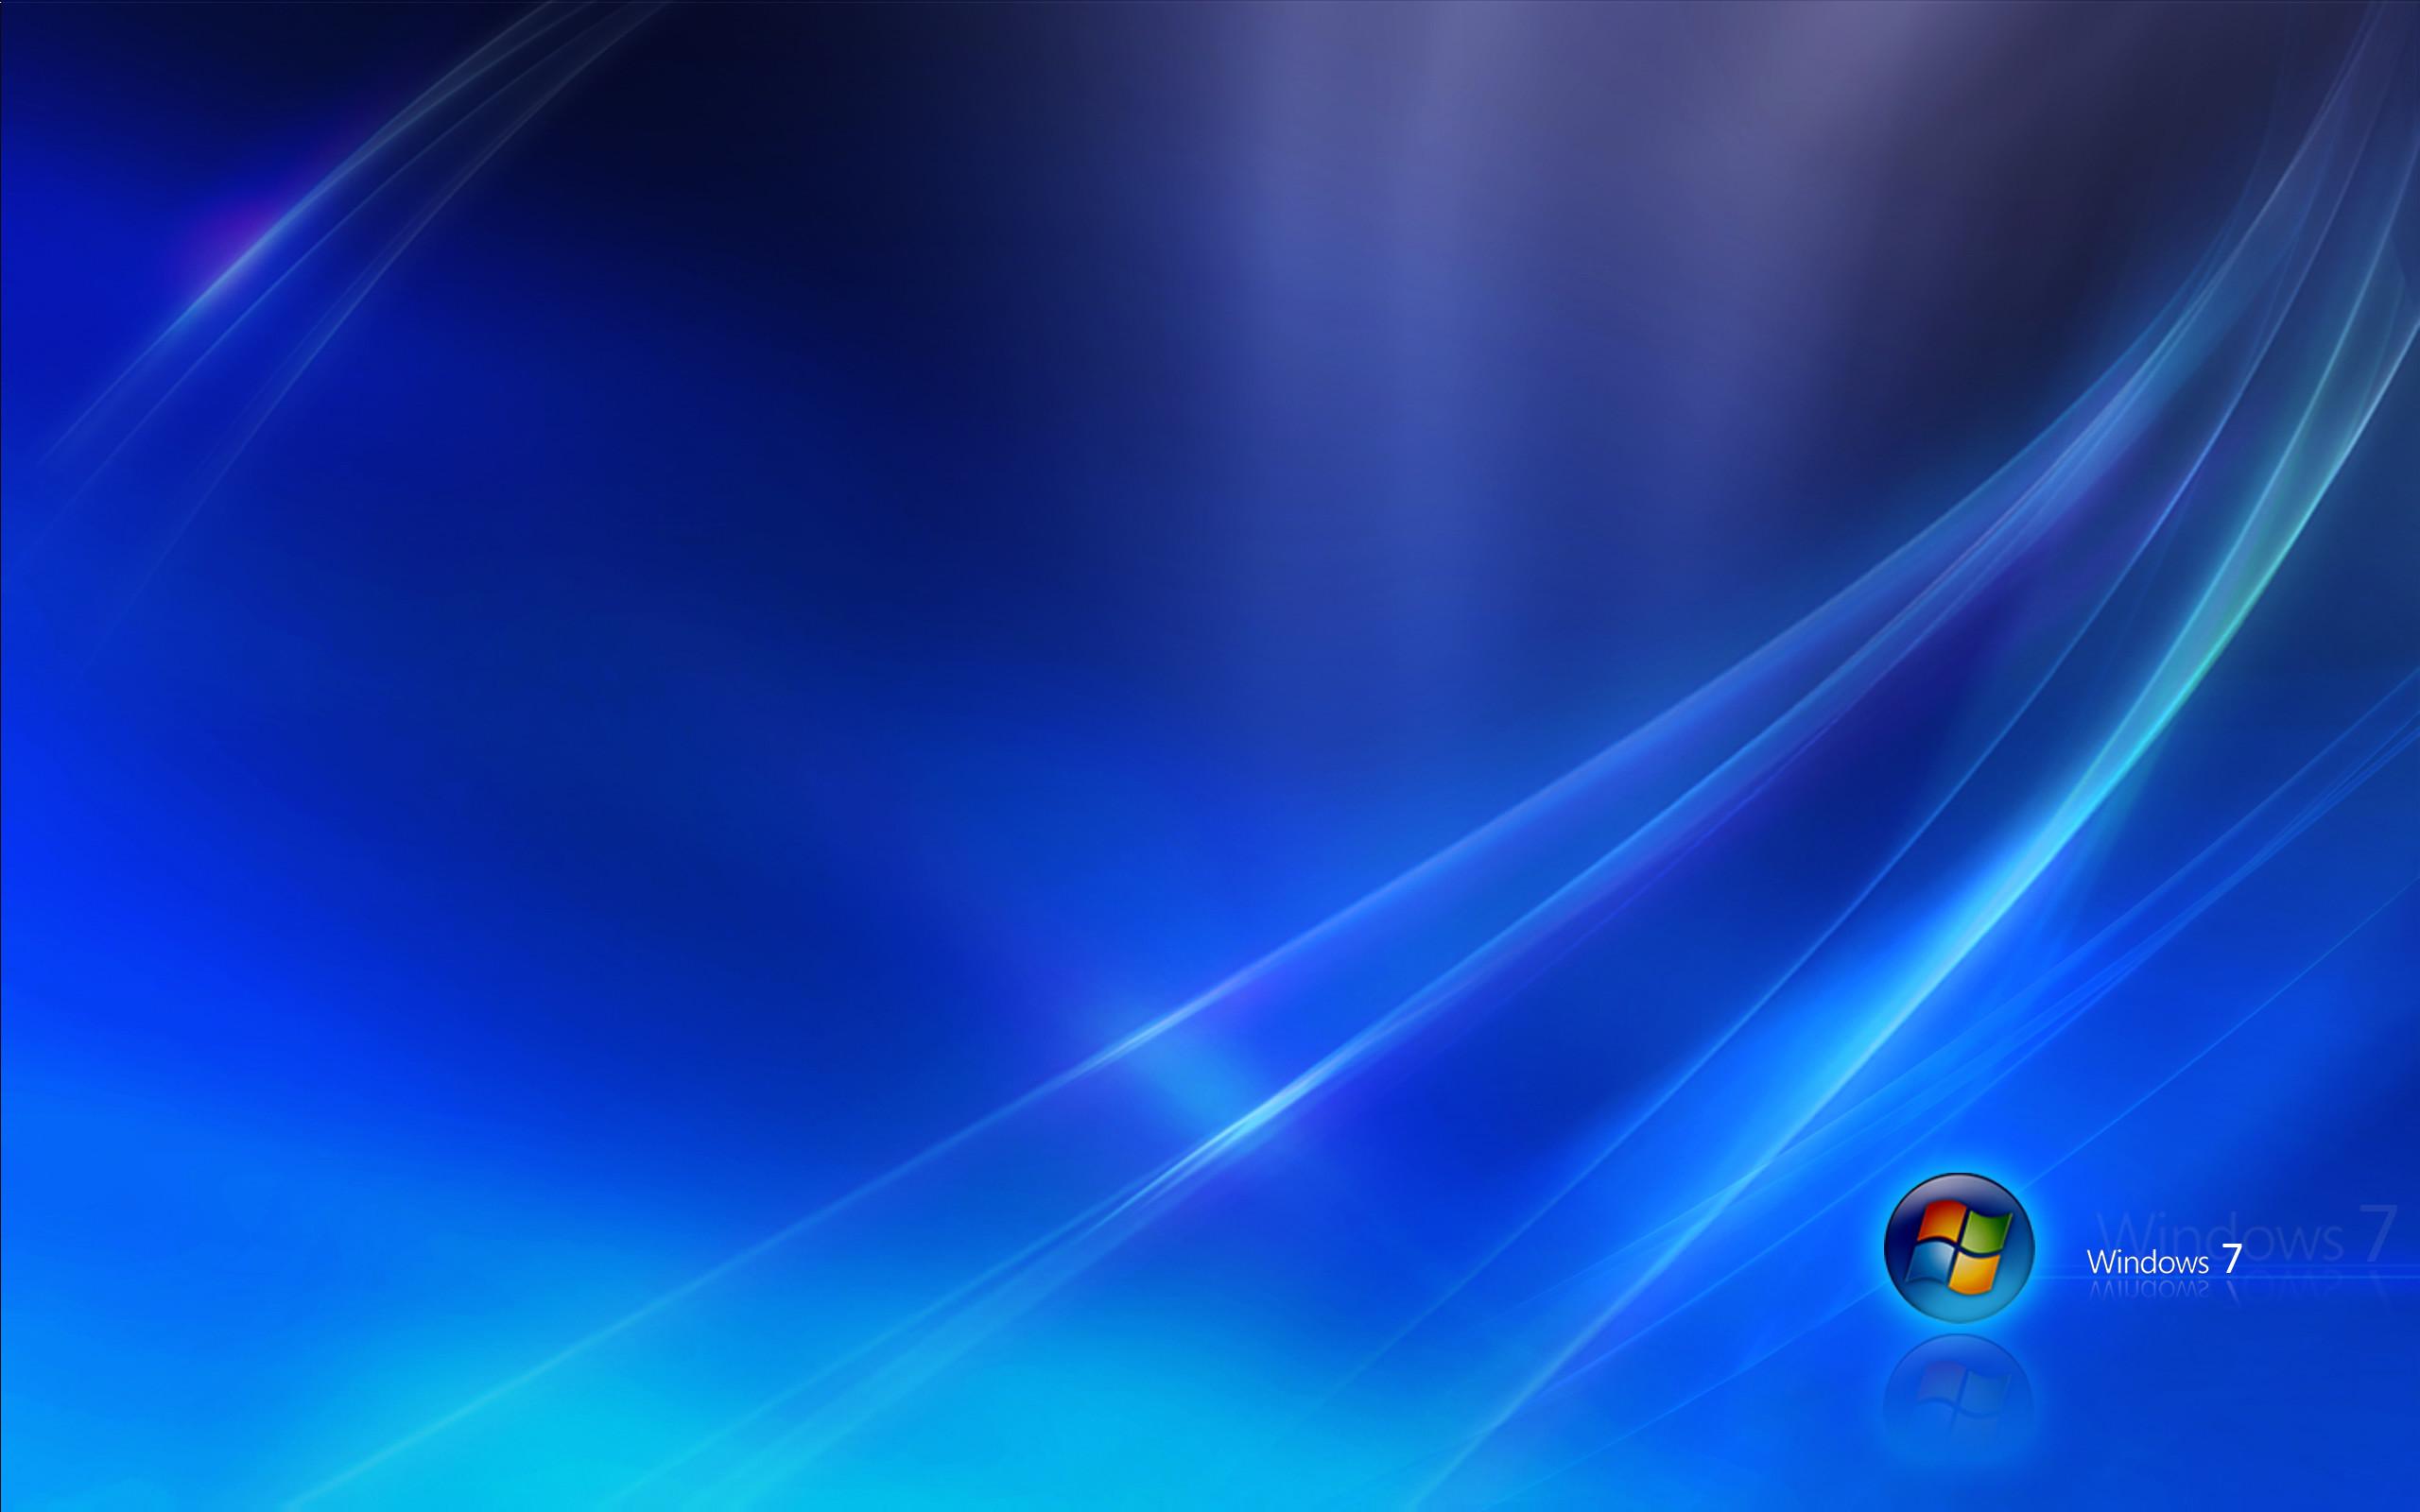 Desktop Wallpaper For Windows Starter